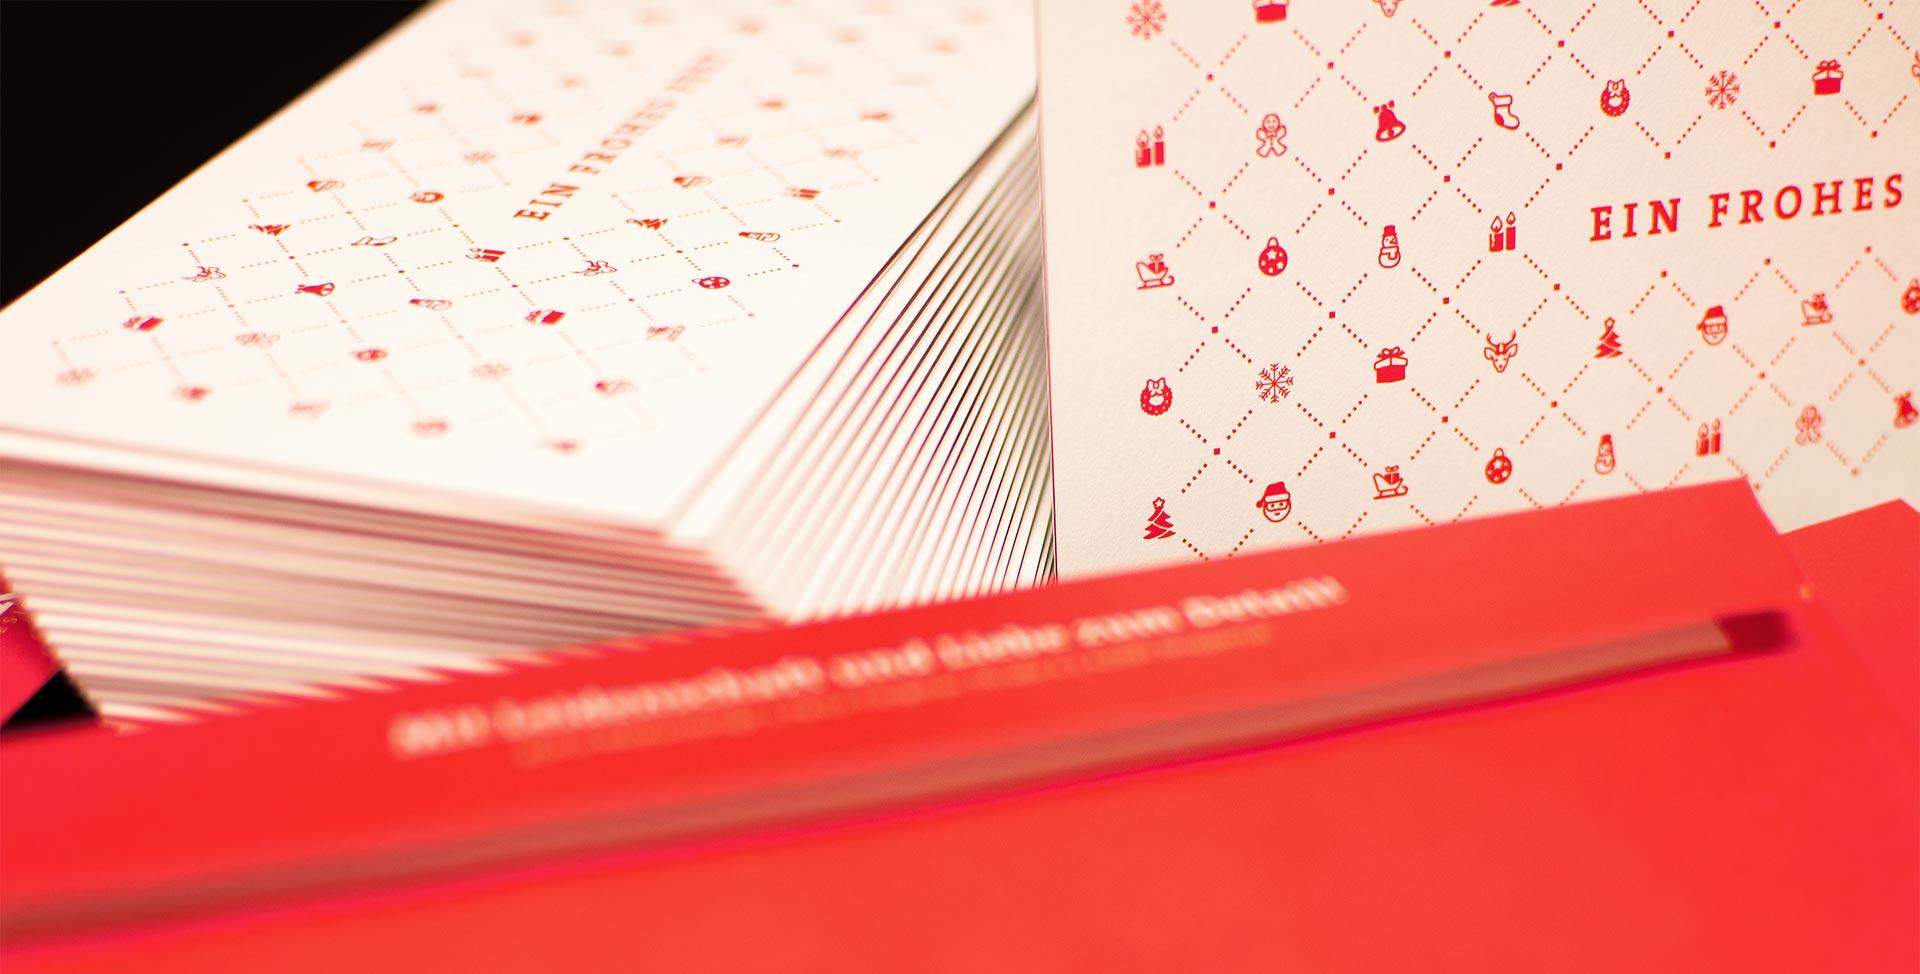 Printprodukt von graf.ik Mediendesign in Wuppertal